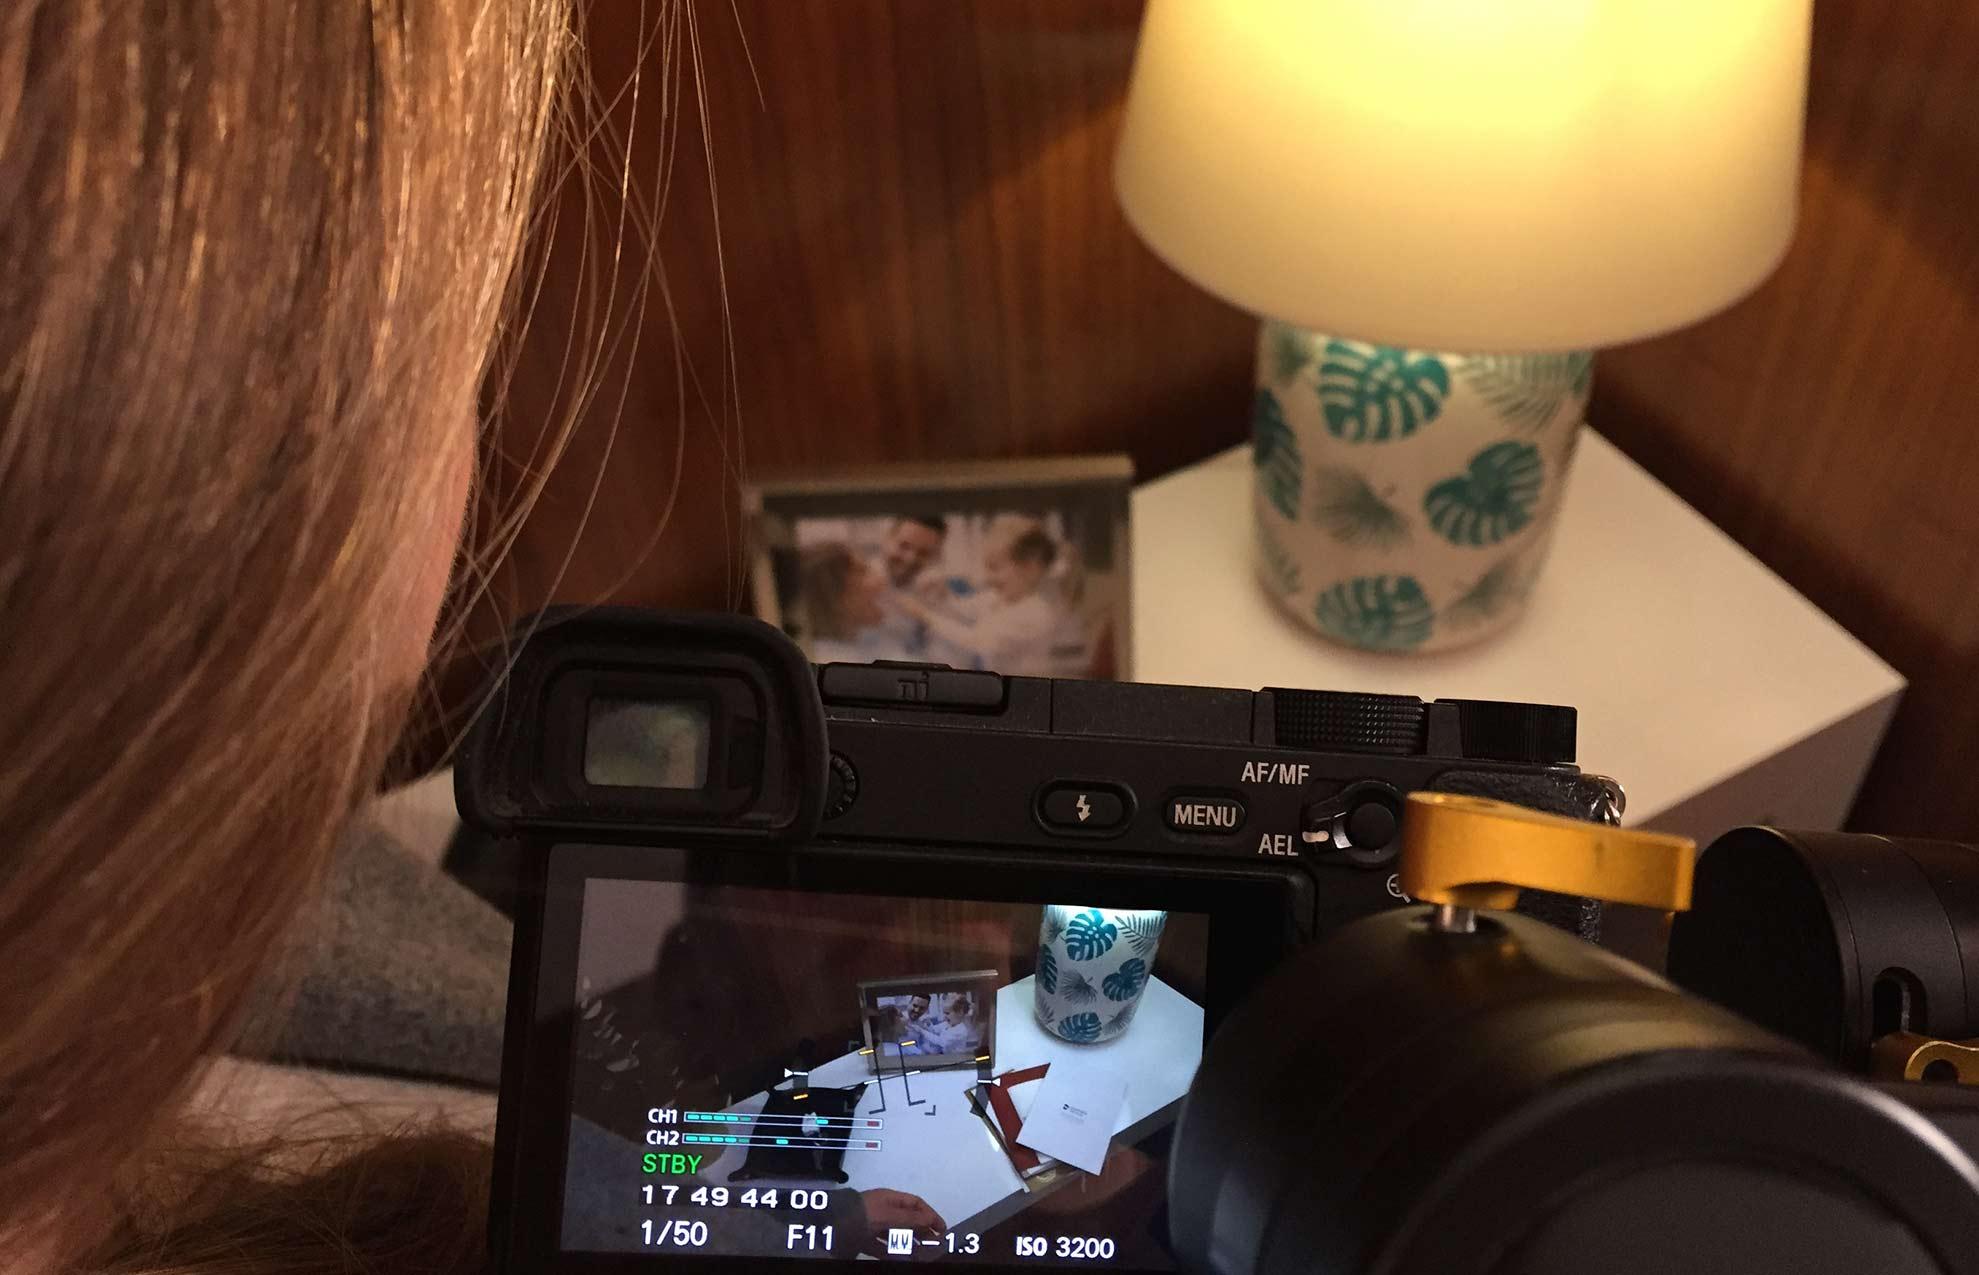 grabacion video corporativo - ¿Cómo hacer un spot publicitario? Te mostramos un caso real